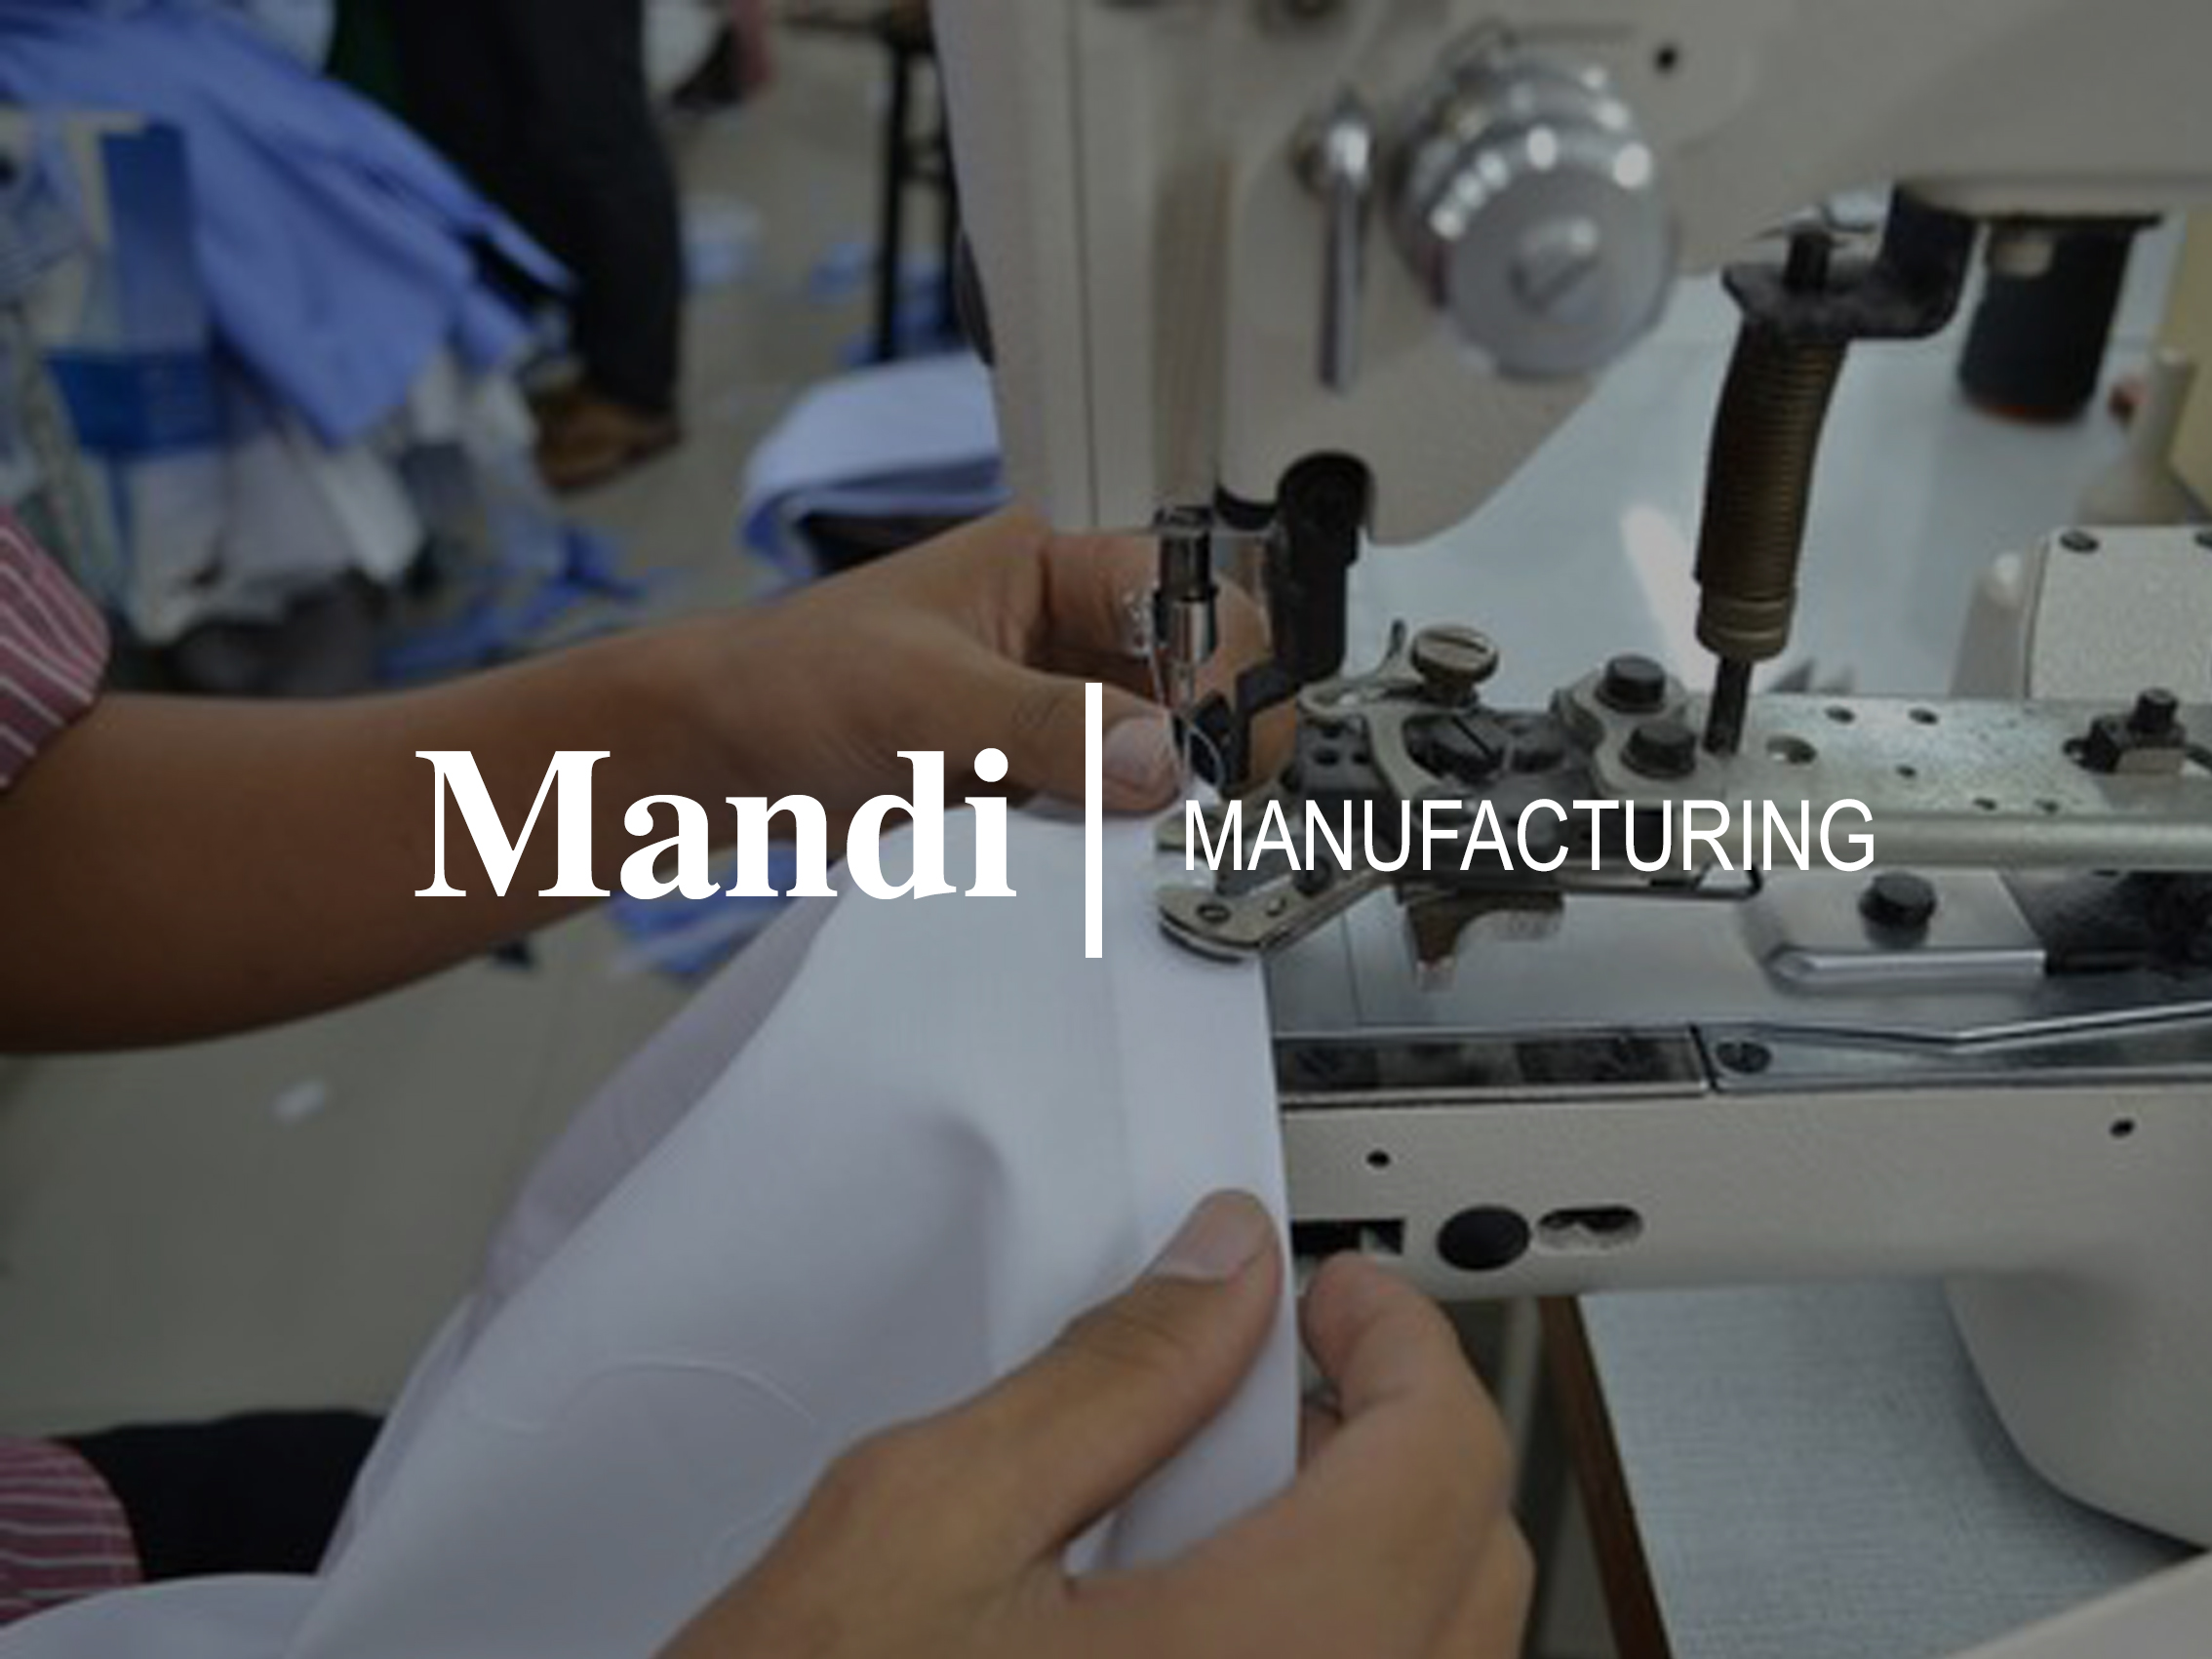 Manufactoring